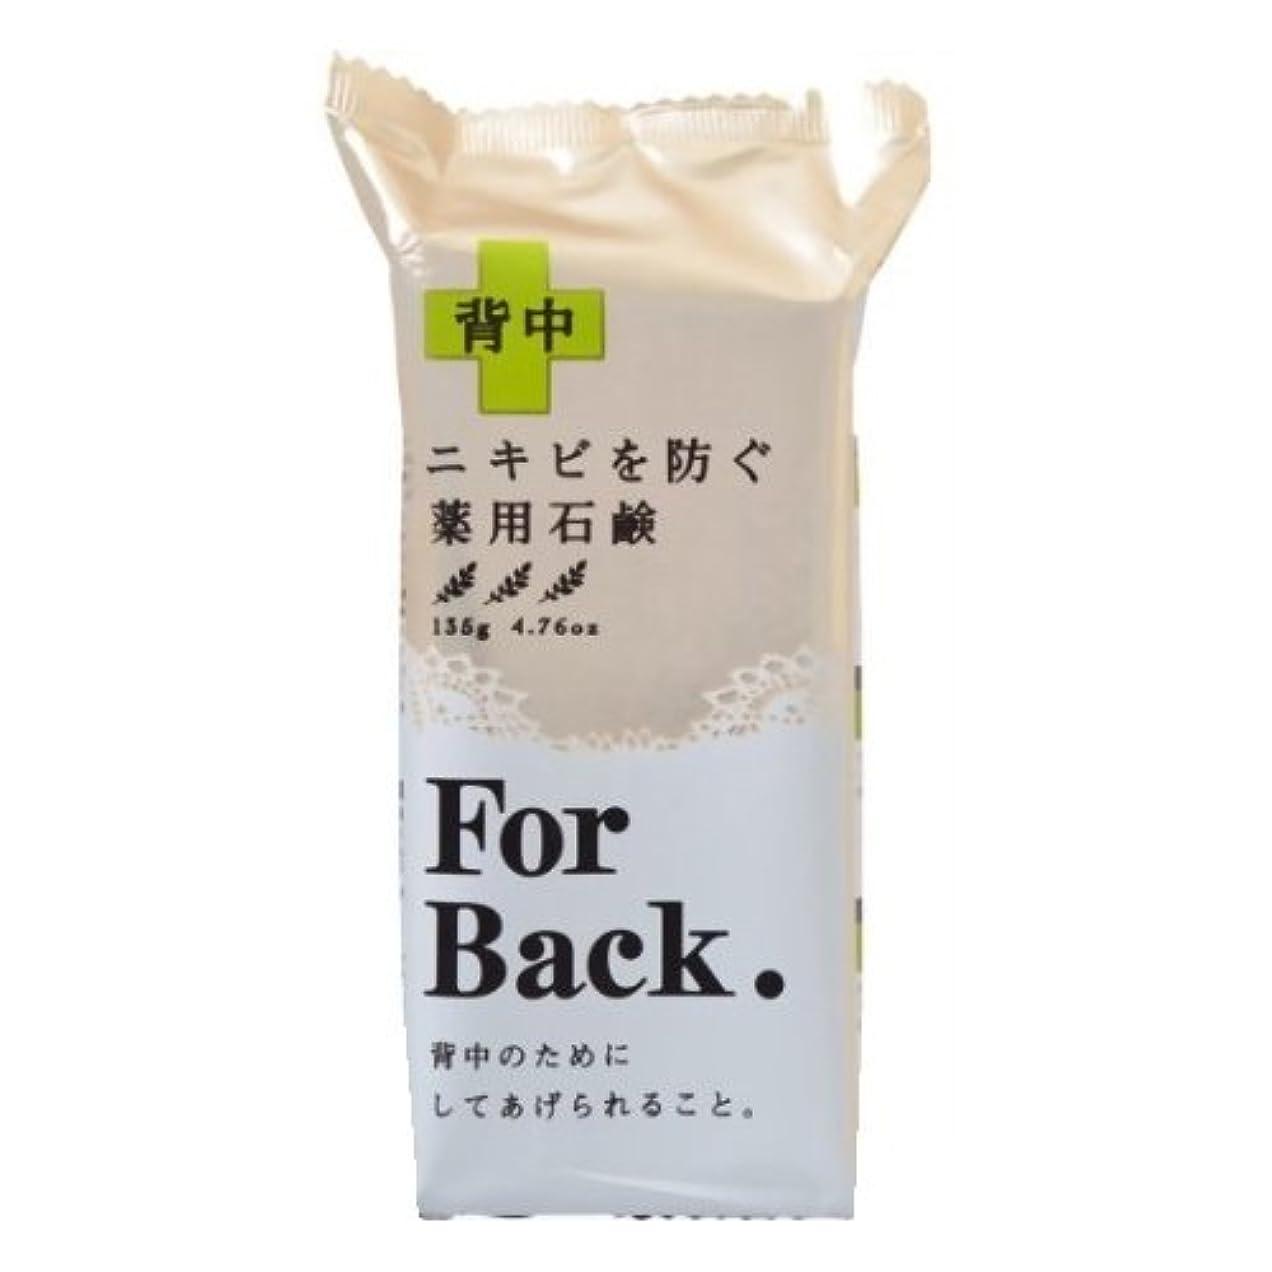 さまよう販売員大使館薬用石鹸ForBack 135g